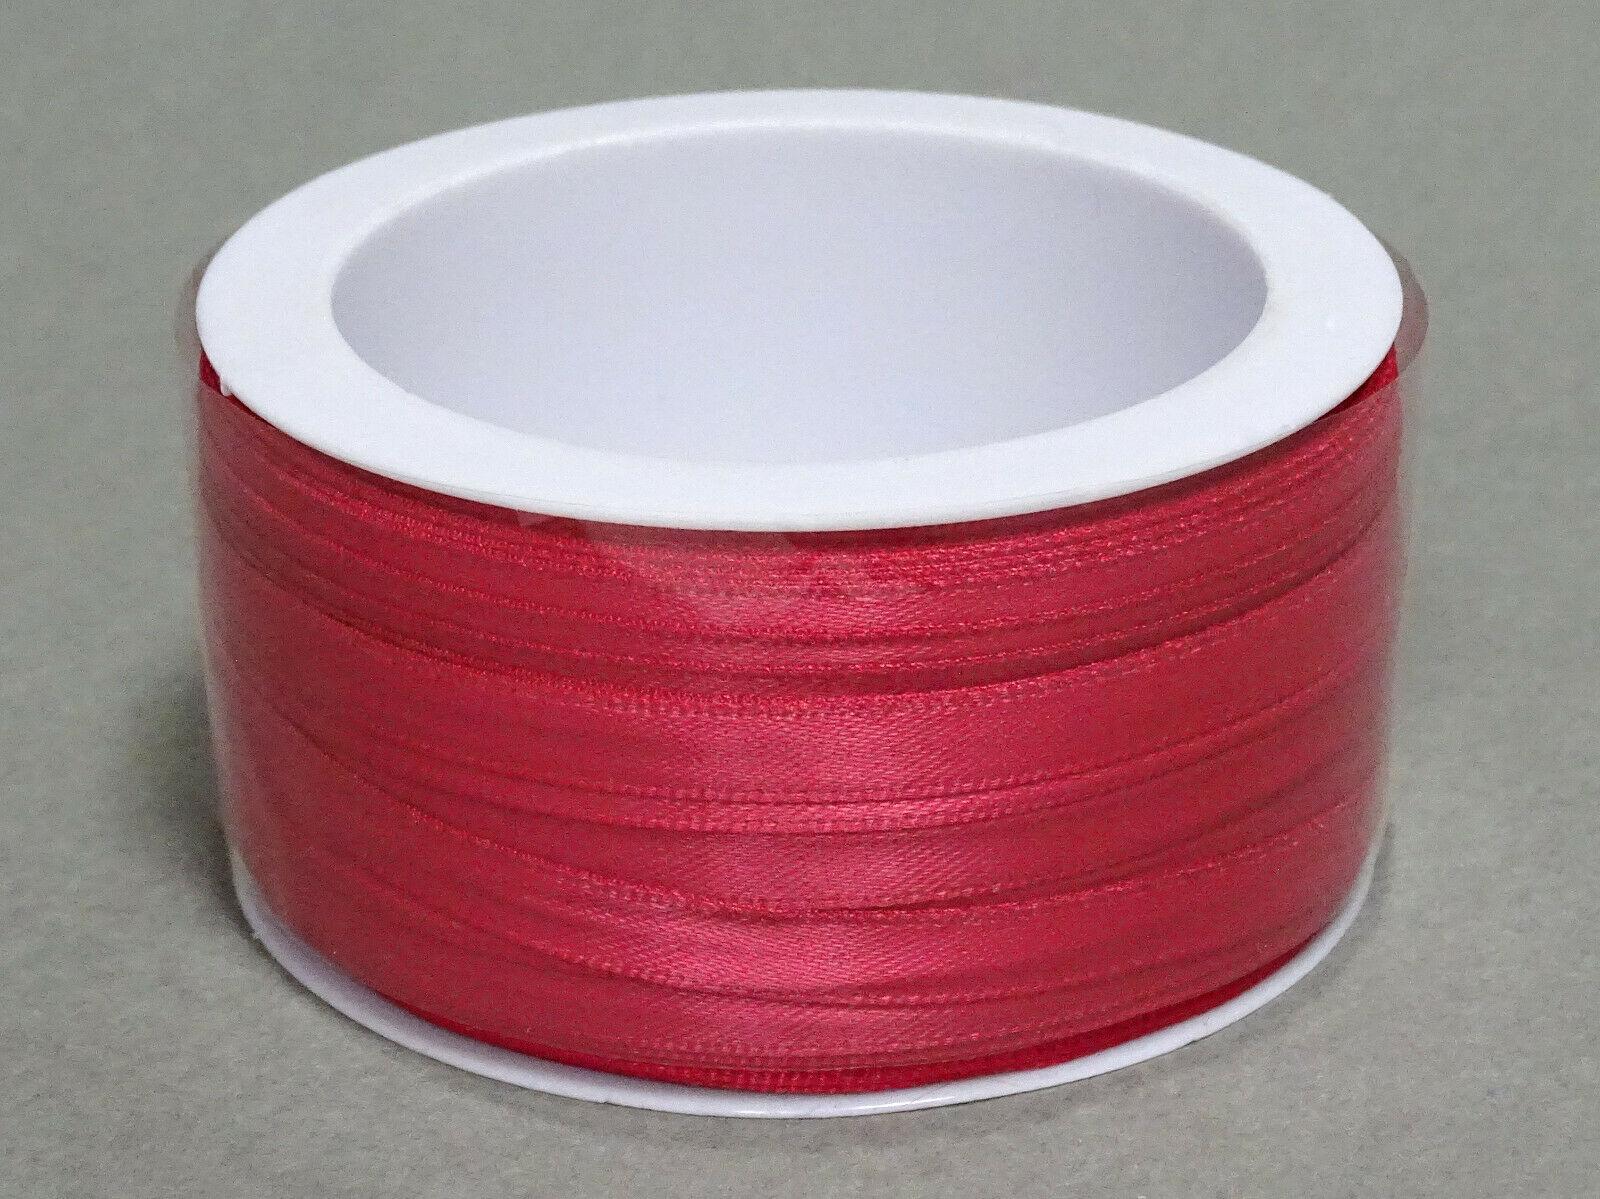 Satinband Schleifenband 50m x 3mm / 6mm Dekoband ab 0,05 €/m Geschenkband Rolle - Himbeer-Pink 138, 3 mm x 50 m